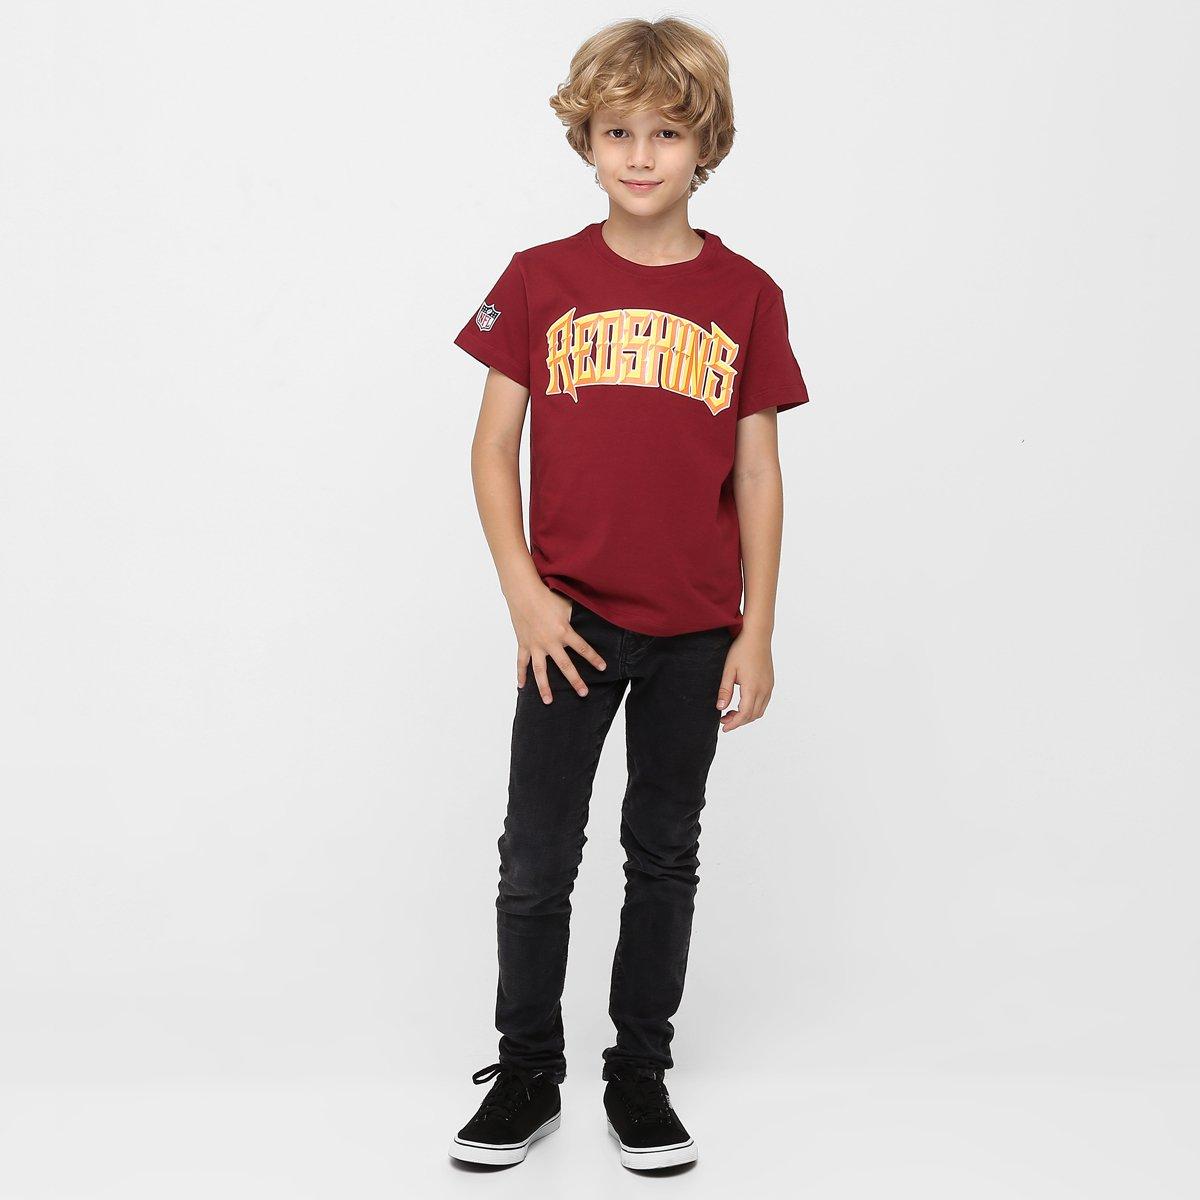 bff2ef436f Camiseta New Era NFL Chisel Washington Redskins Infantil - Compre ...